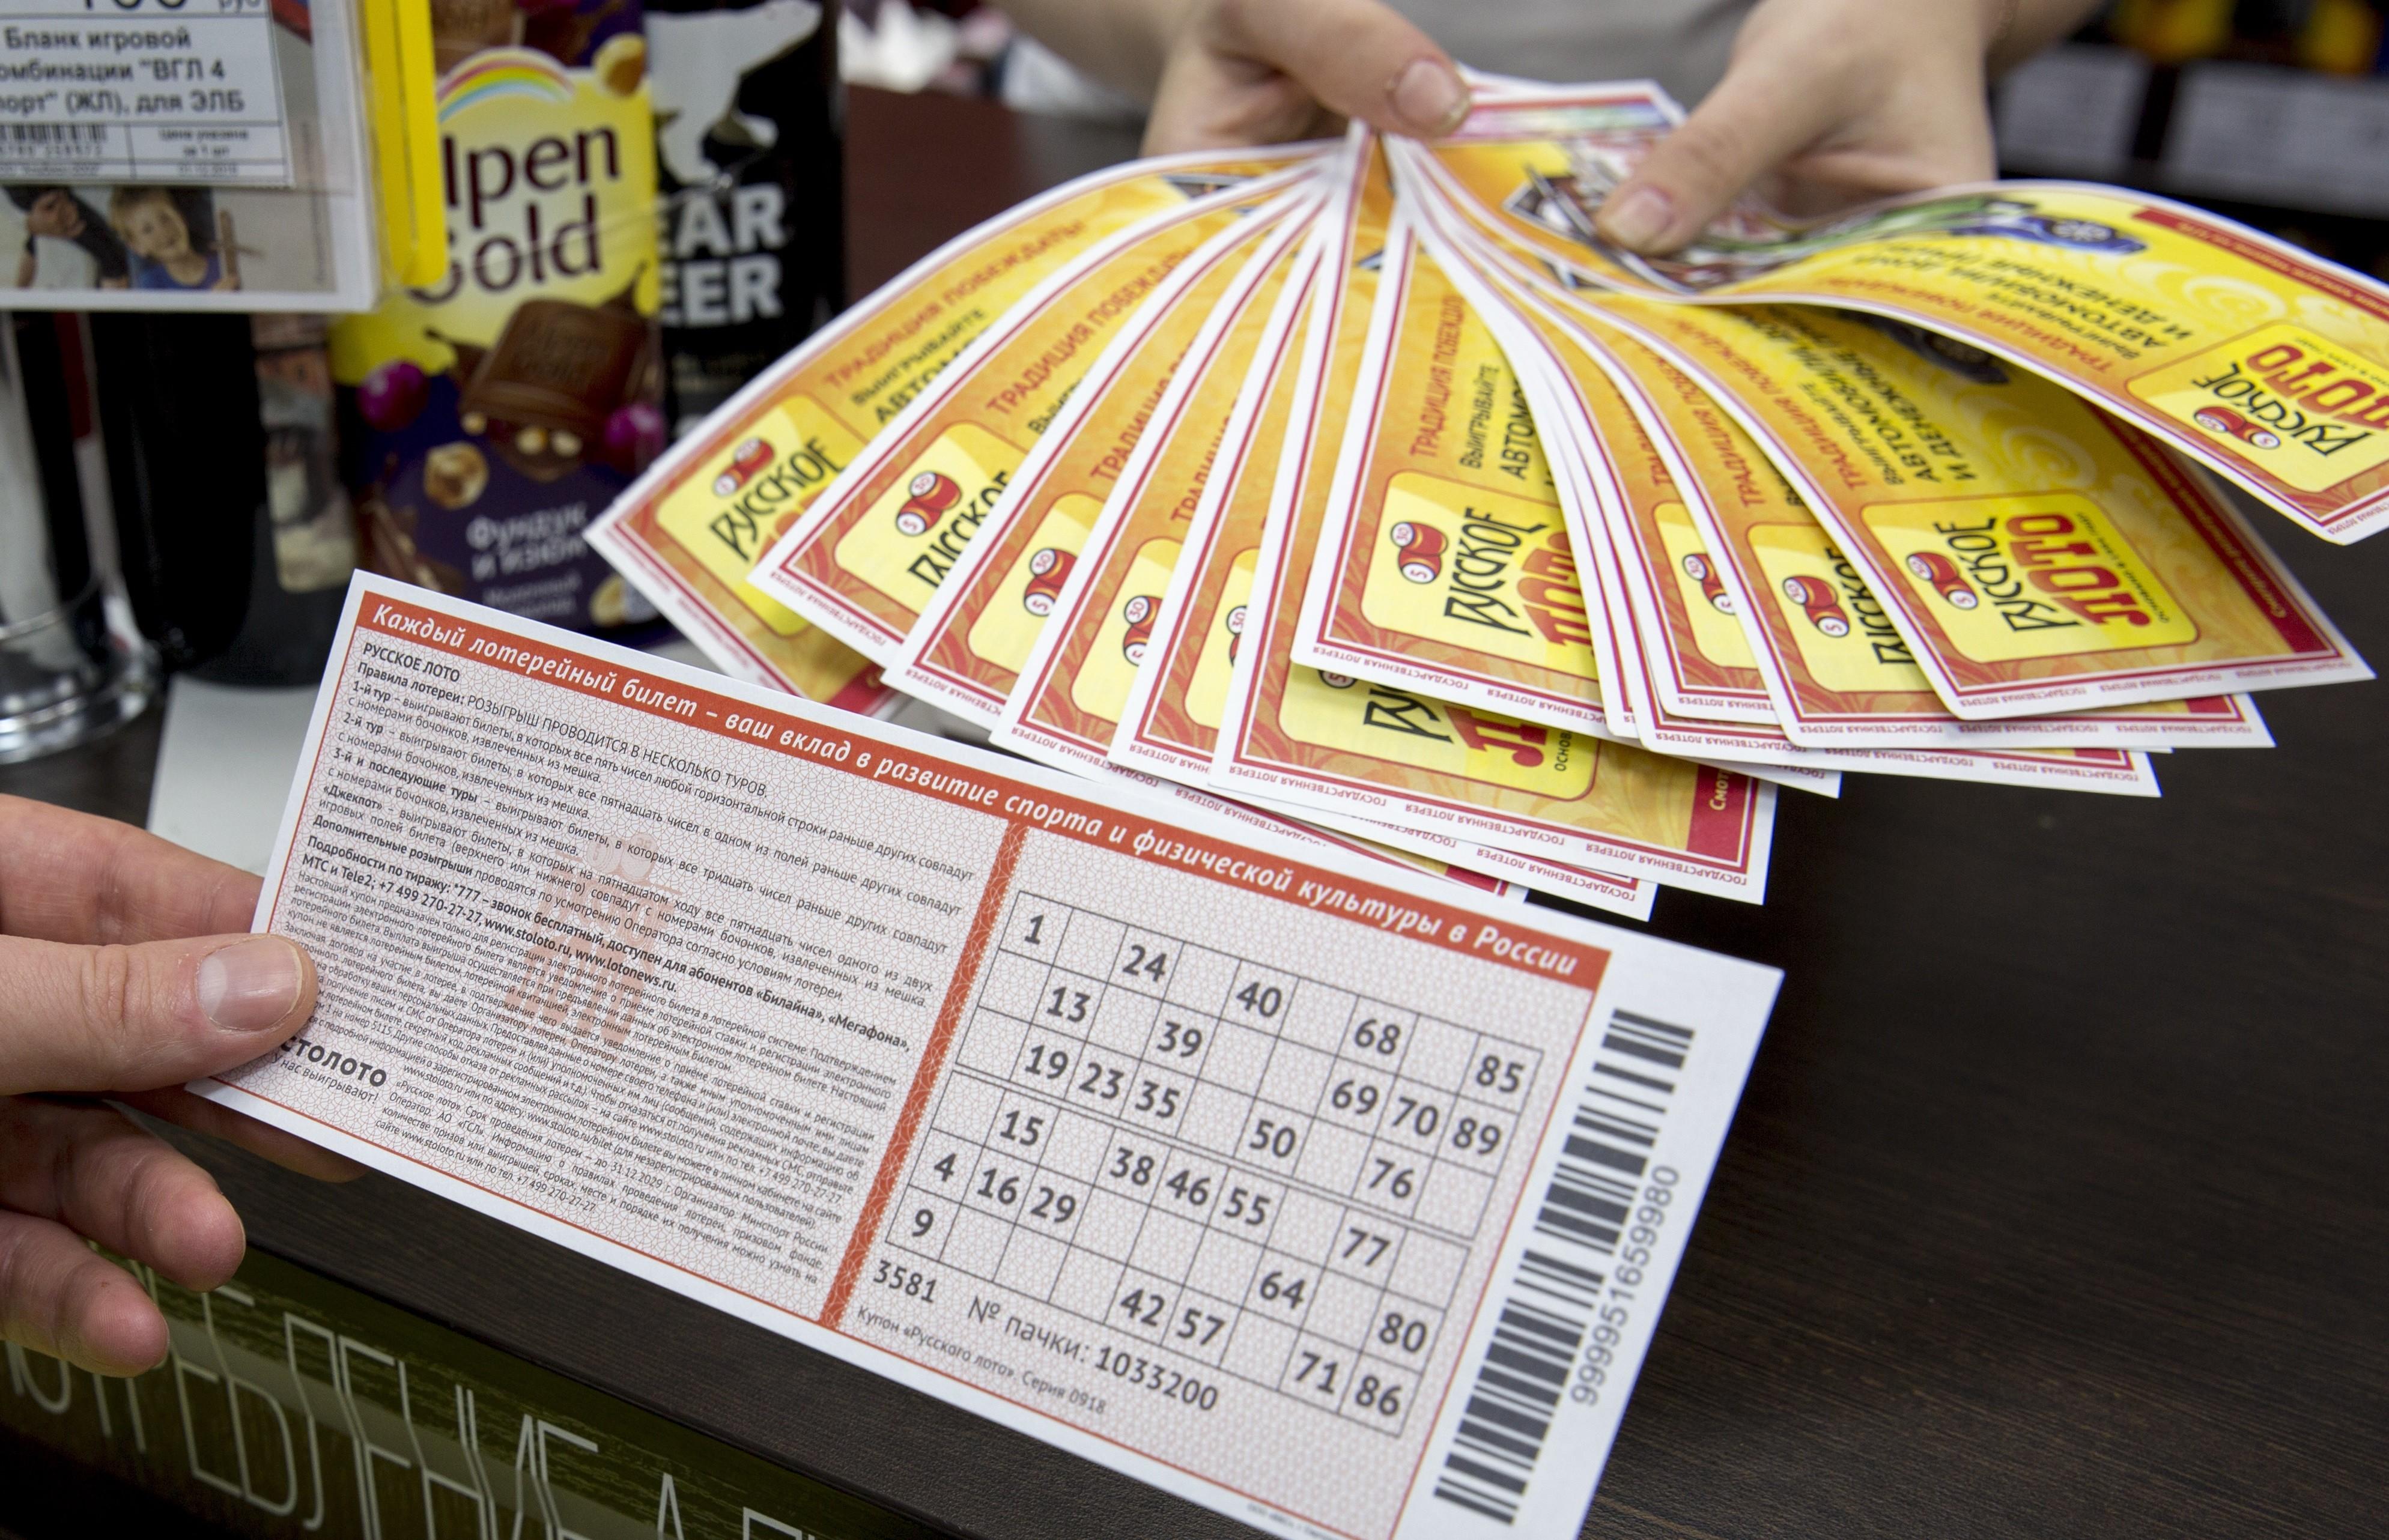 Как принять участие в розыгрыше лотереи через интернет. иностранные и российские лотереи.